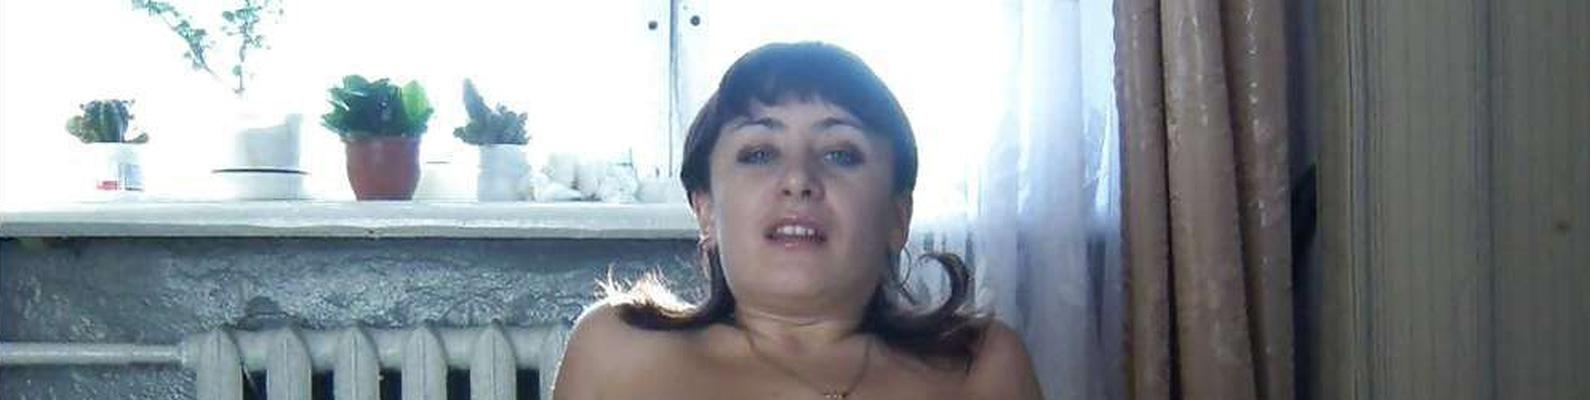 Попу минет в машине порно в контакте дамы